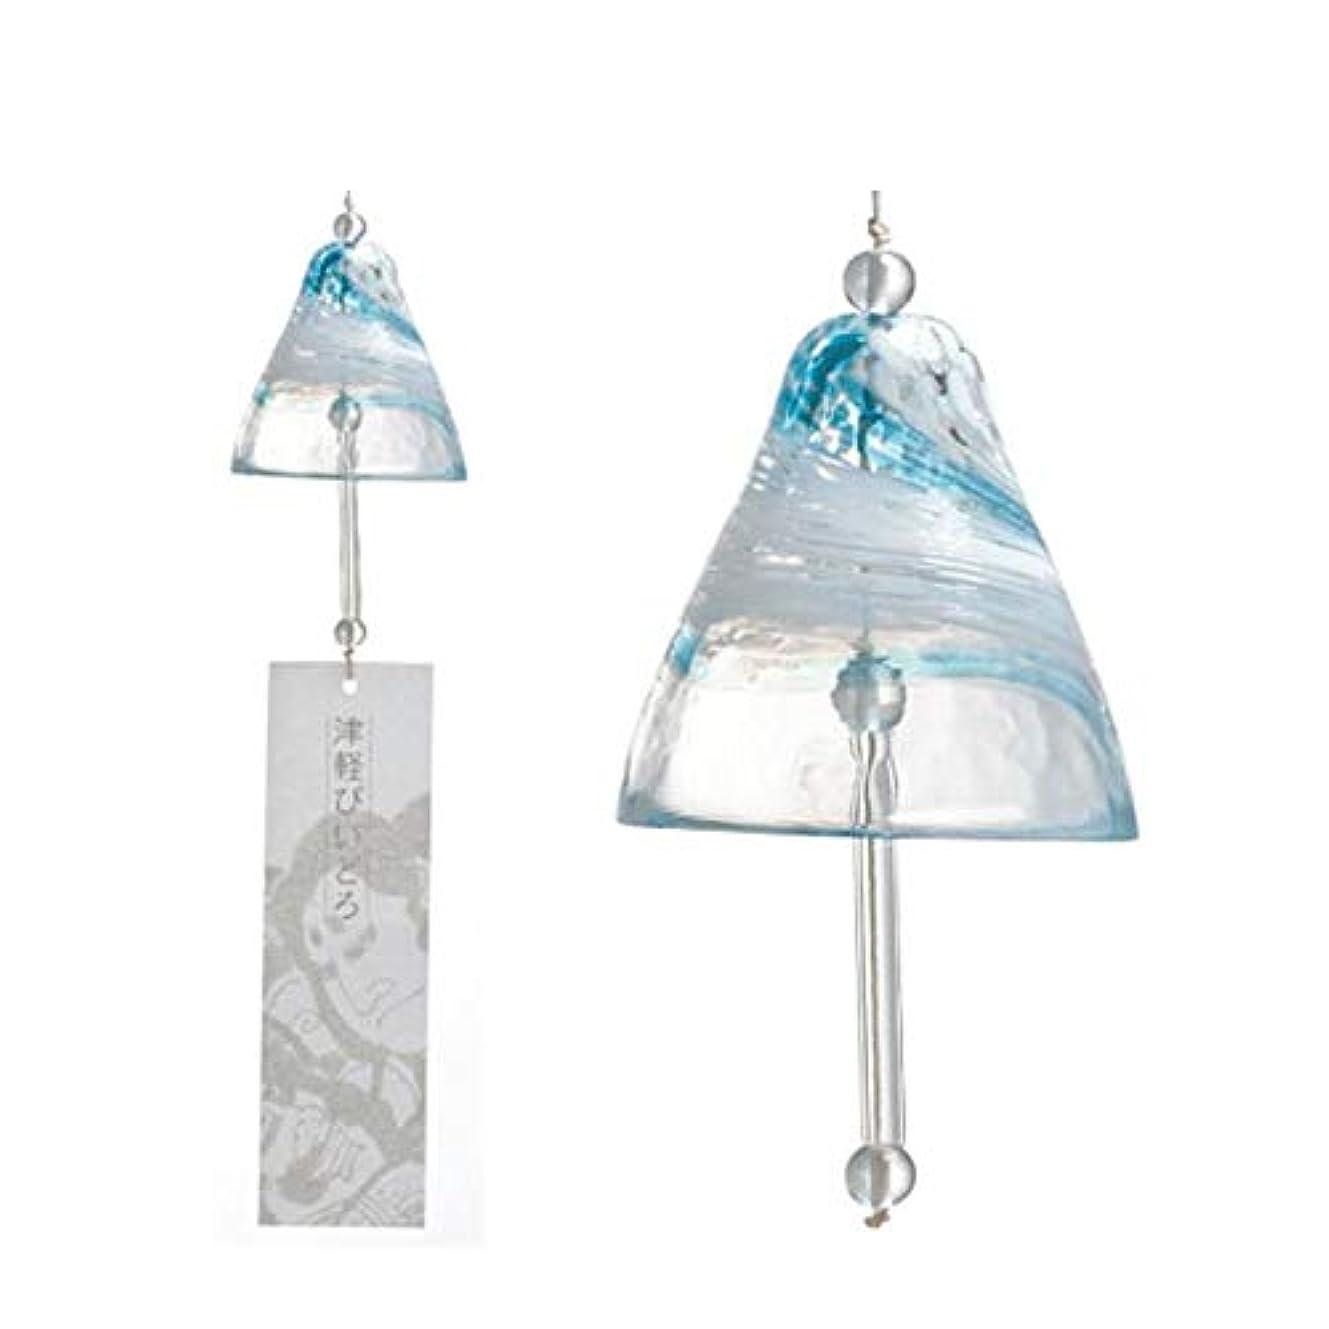 枯渇電子レンジ判決Youshangshipin 風チャイム、クリスタルガラス風チャイム、ドア飾りペンダント、レッド、サイズ75x76mmハンギング,美しいギフトボックス (Color : Blue)